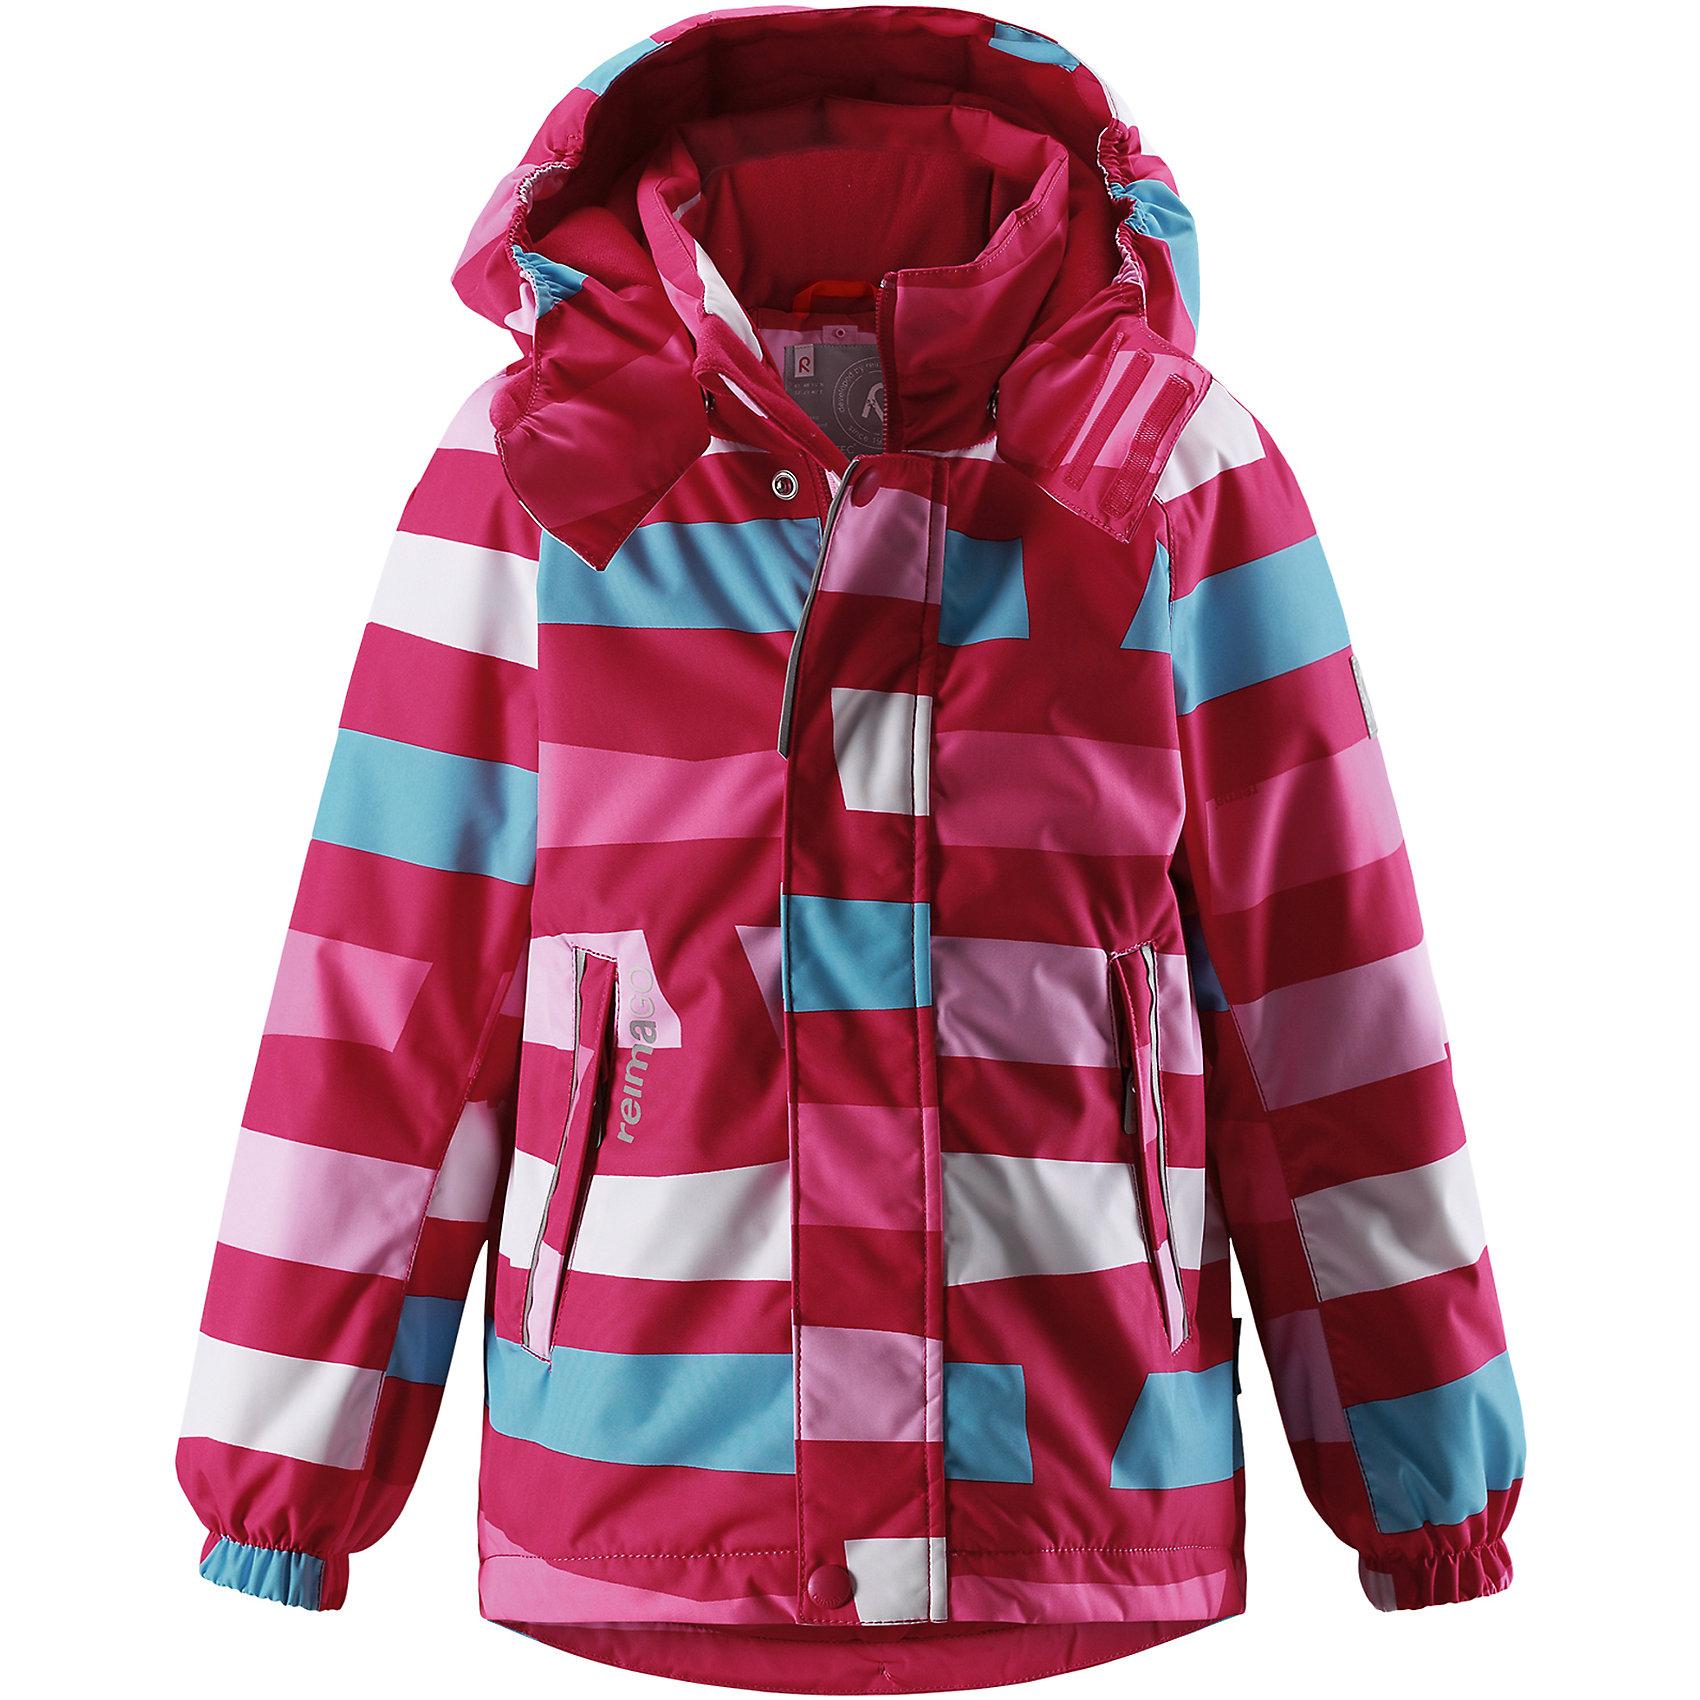 Куртка Reimatec® Reima Talik для девочкиЗимние куртки<br>Характеристики товара:<br><br>• цвет: розовый;<br>• состав: 100% полиэстер;<br>• подкладка: 100% полиэстер;<br>• утеплитель: 160 г/м2<br>• температурный режим: от 0 до -20С;<br>• сезон: зима; <br>• водонепроницаемость: 15000 мм;<br>• воздухопроницаемость: 7000 мм;<br>• износостойкость: 35000 циклов (тест Мартиндейла);<br>• водо- и ветронепроницаемый, дышащий и грязеотталкивающий материал;<br>• все швы проклеены и водонепроницаемы;<br>• гладкая подкладка из полиэстера;<br>• эластичные манжеты;<br>• застежка: молния с защитой подбородка;<br>• безопасный съемный и регулируемый капюшон на кнопках;<br>• регулируемый подол;<br>• два кармана на молнии;<br>• внутренний нагрудный карман;<br>• карман с креплением для сенсора ReimaGO®;<br>• светоотражающие детали;<br>• страна бренда: Финляндия;<br>• страна изготовитель: Китай.<br><br>Детская непромокаемая зимняя куртка Reimatec® изготовлена из водо и ветронепроницаемого, дышащего и прочного материала. Эффективно отталкивает грязь. Все швы проклеены, водонепроницаемы. В этой модели просторного кроя подол легко регулируется, что позволяет подогнать куртку точно по фигуре. <br><br>Съемный и регулируемый капюшон защищает от пронизывающего ветра и проливного дождя, а еще он безопасен во время игр на свежем воздухе. С помощью удобной системы кнопок Play Layers® к этой куртке можно присоединять одежду промежуточного слоя Reima®, которая подарит вашему ребенку дополнительное тепло и комфорт. <br><br>В куртке предусмотрены эластичные манжеты, два кармана на молнии, внутренний нагрудный карман, карман для сенсора ReimaGO® и множество светоотражающих деталей. Эта куртка очень проста в уходе, кроме того, ее можно сушить в стиральной машине.<br><br>Куртку Talik Reimatec® Reima от финского бренда Reima (Рейма) можно купить в нашем интернет-магазине.<br><br>Ширина мм: 356<br>Глубина мм: 10<br>Высота мм: 245<br>Вес г: 519<br>Цвет: розовый<br>Возраст от месяцев: 108<br>Возраст до месяцев